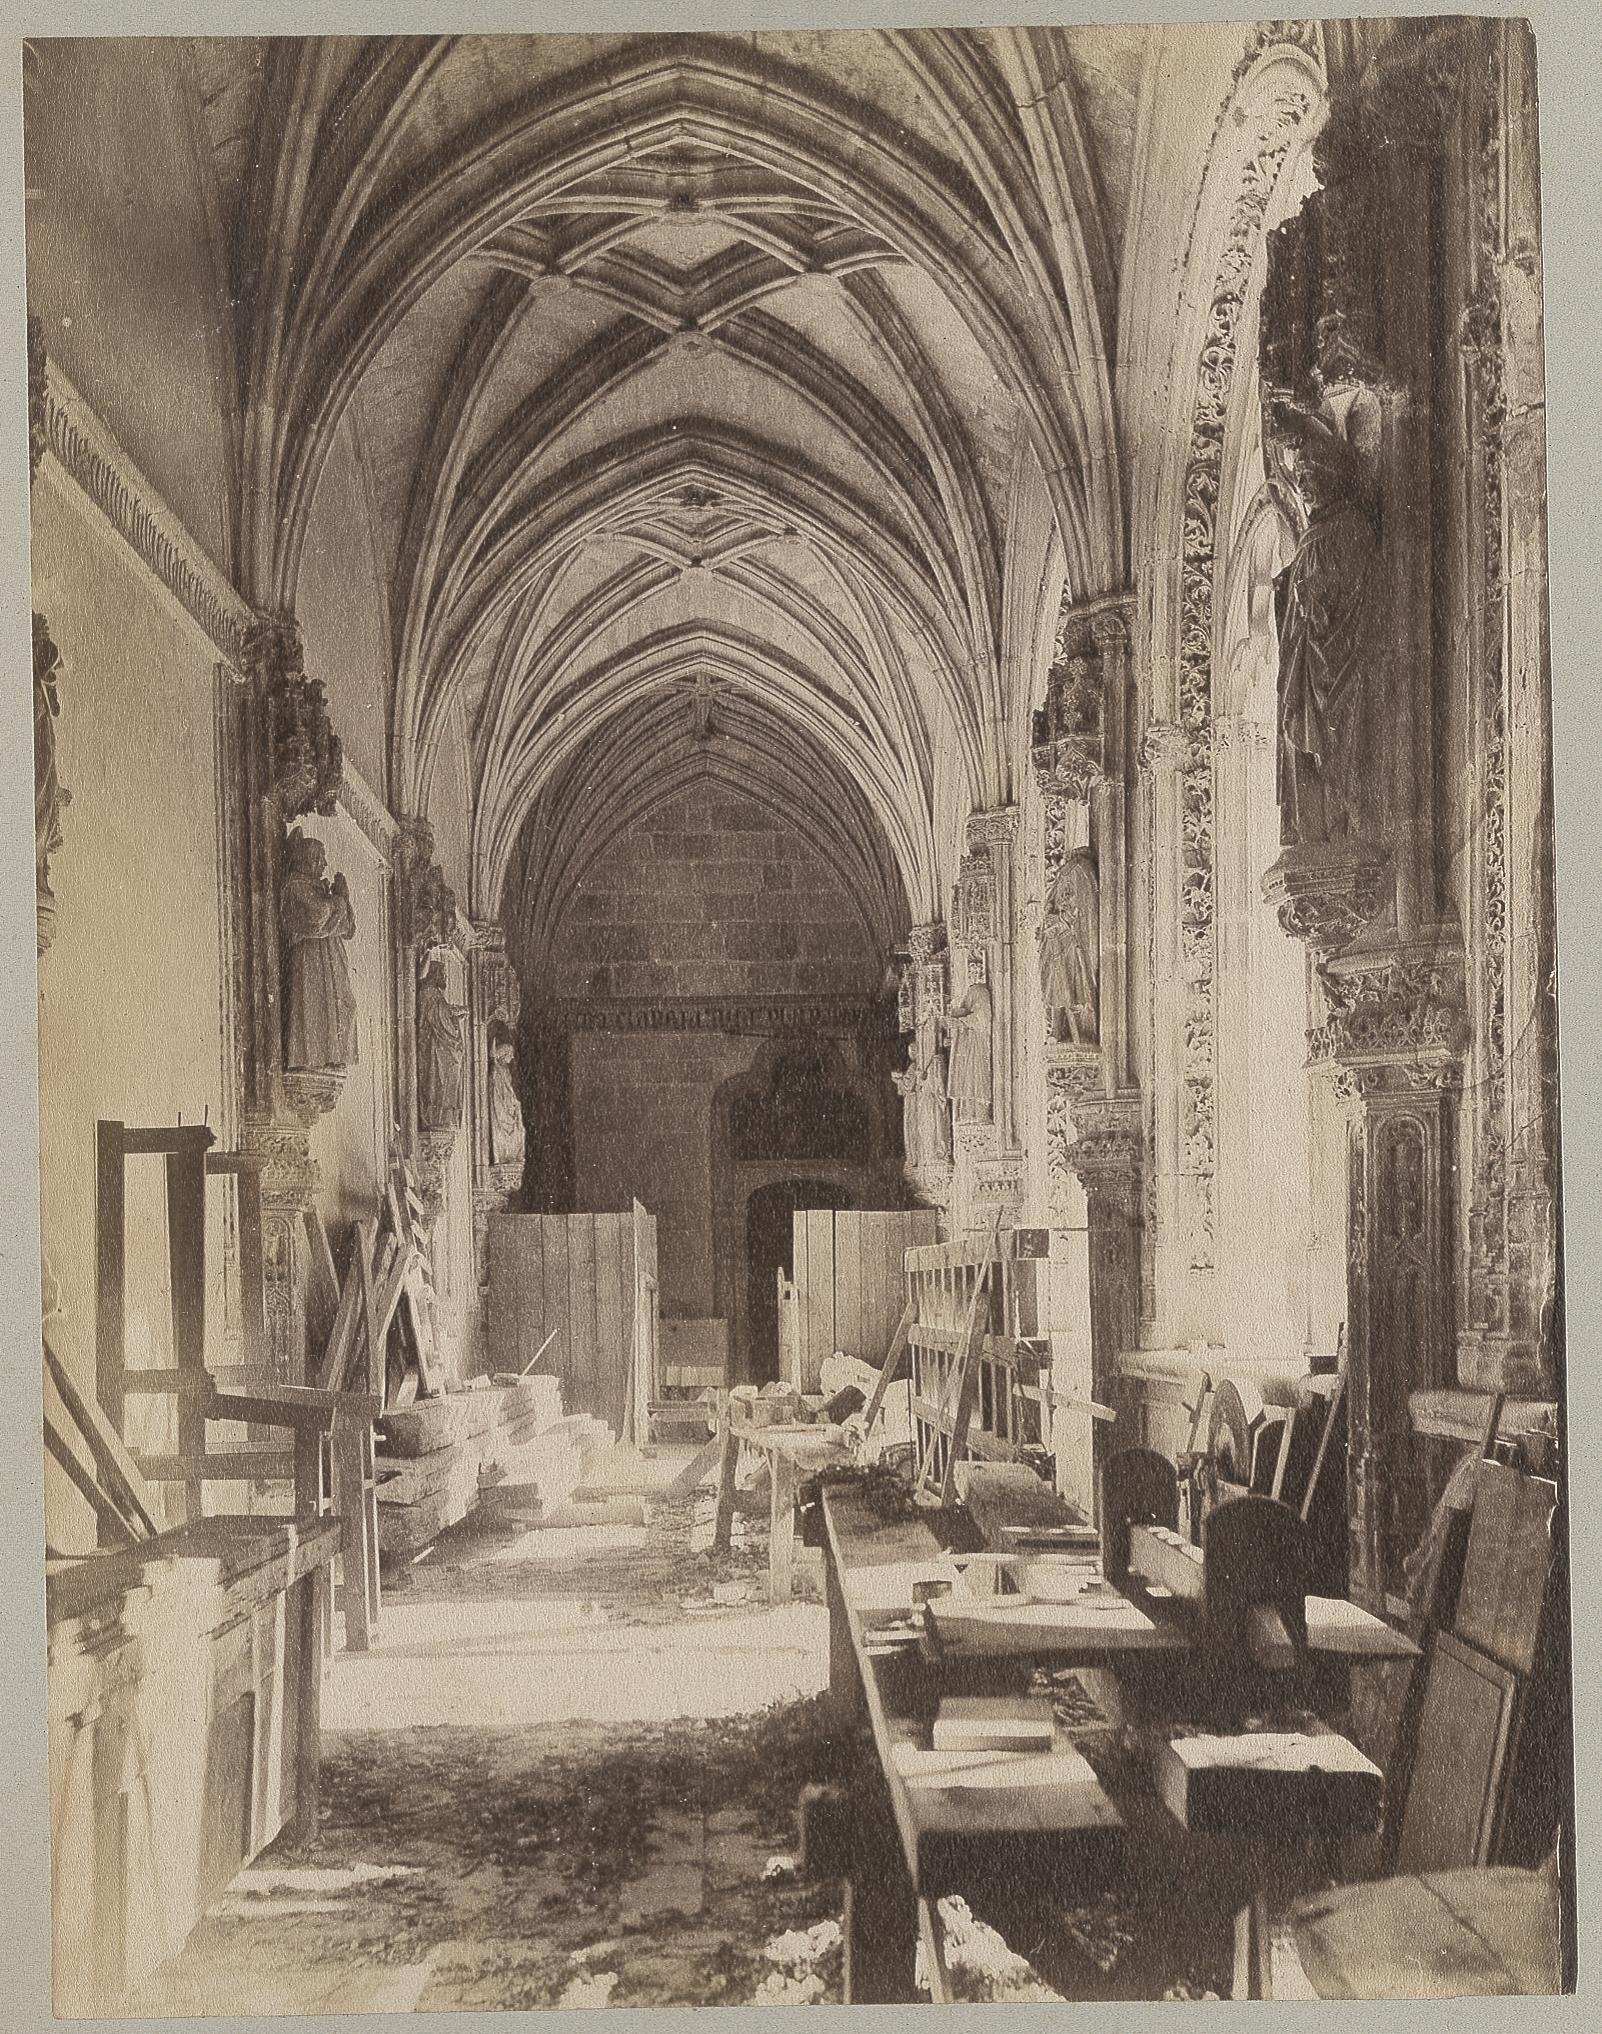 Claustro en restauración de San Juan de los Reyes en 1886 © Archives départementales de l'Aude